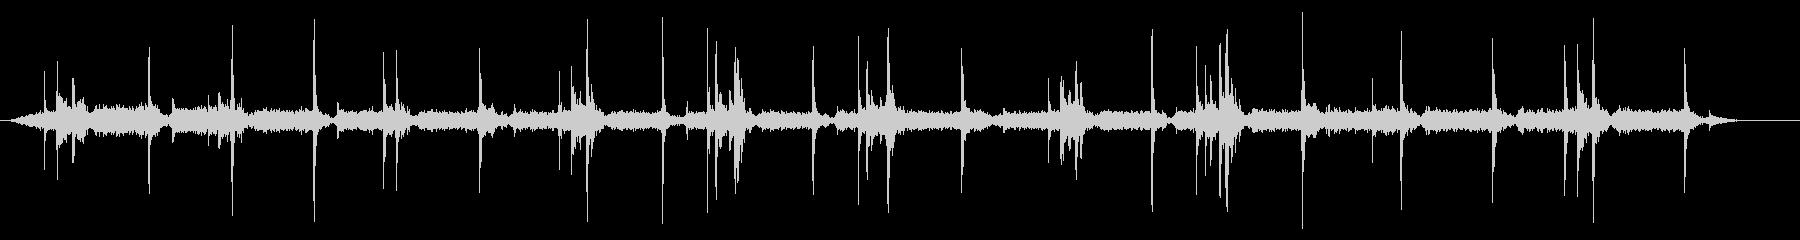 プリンター 印刷音の未再生の波形